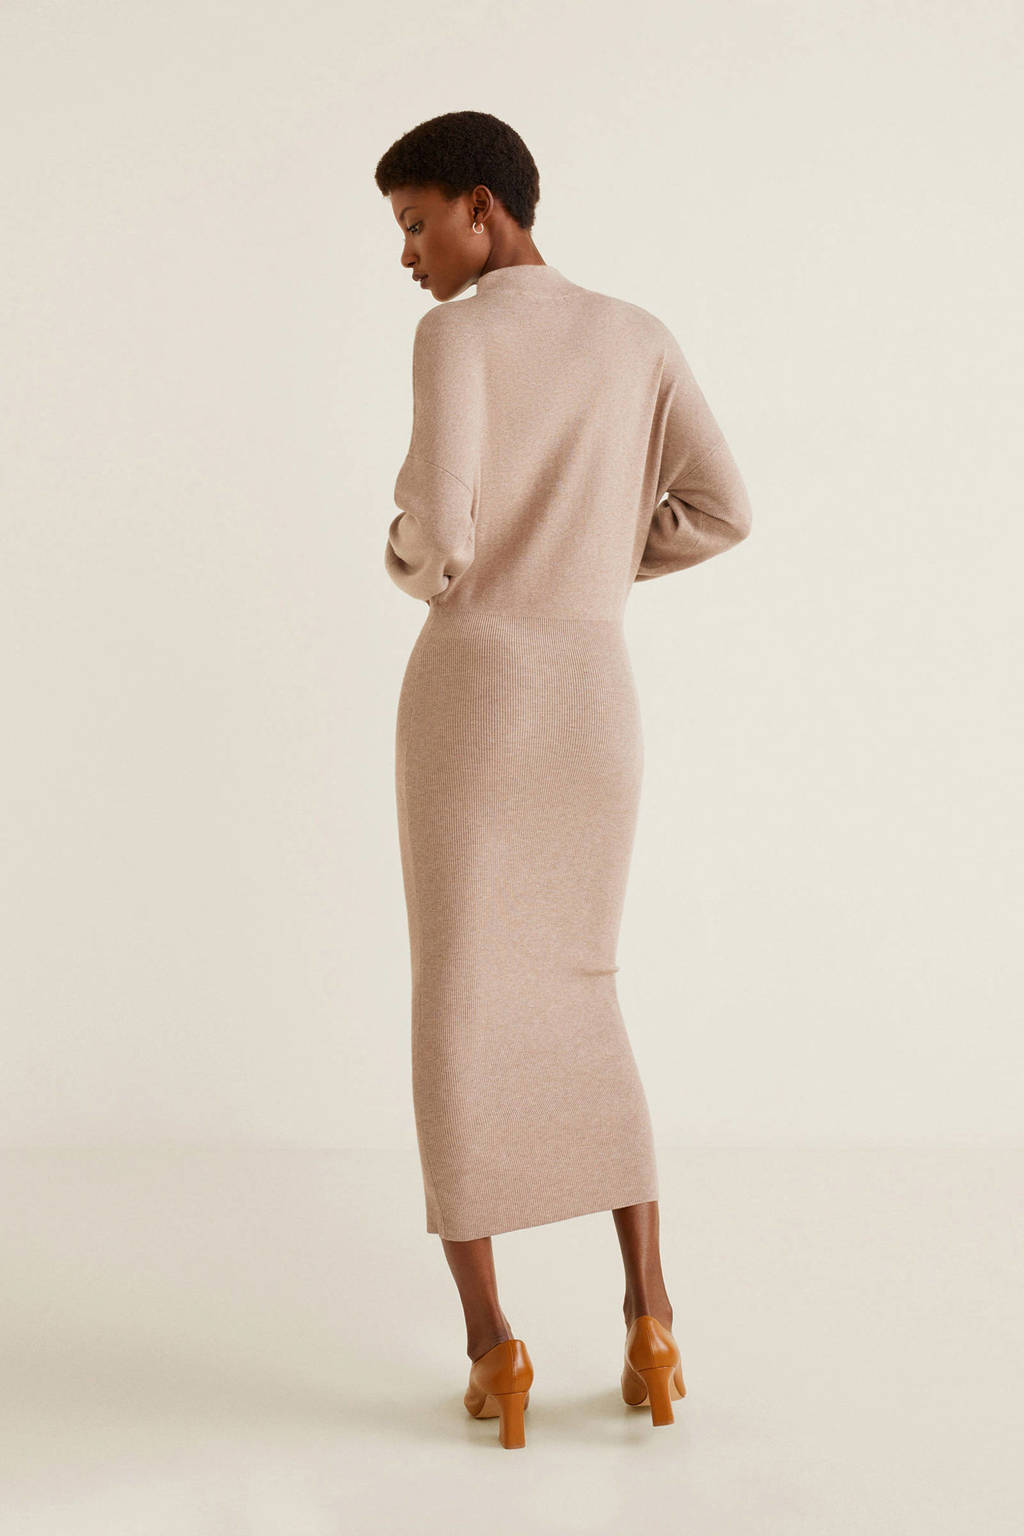 grote verscheidenheid aan stijlen details voor lage prijs Mango jurk pastel roze | wehkamp